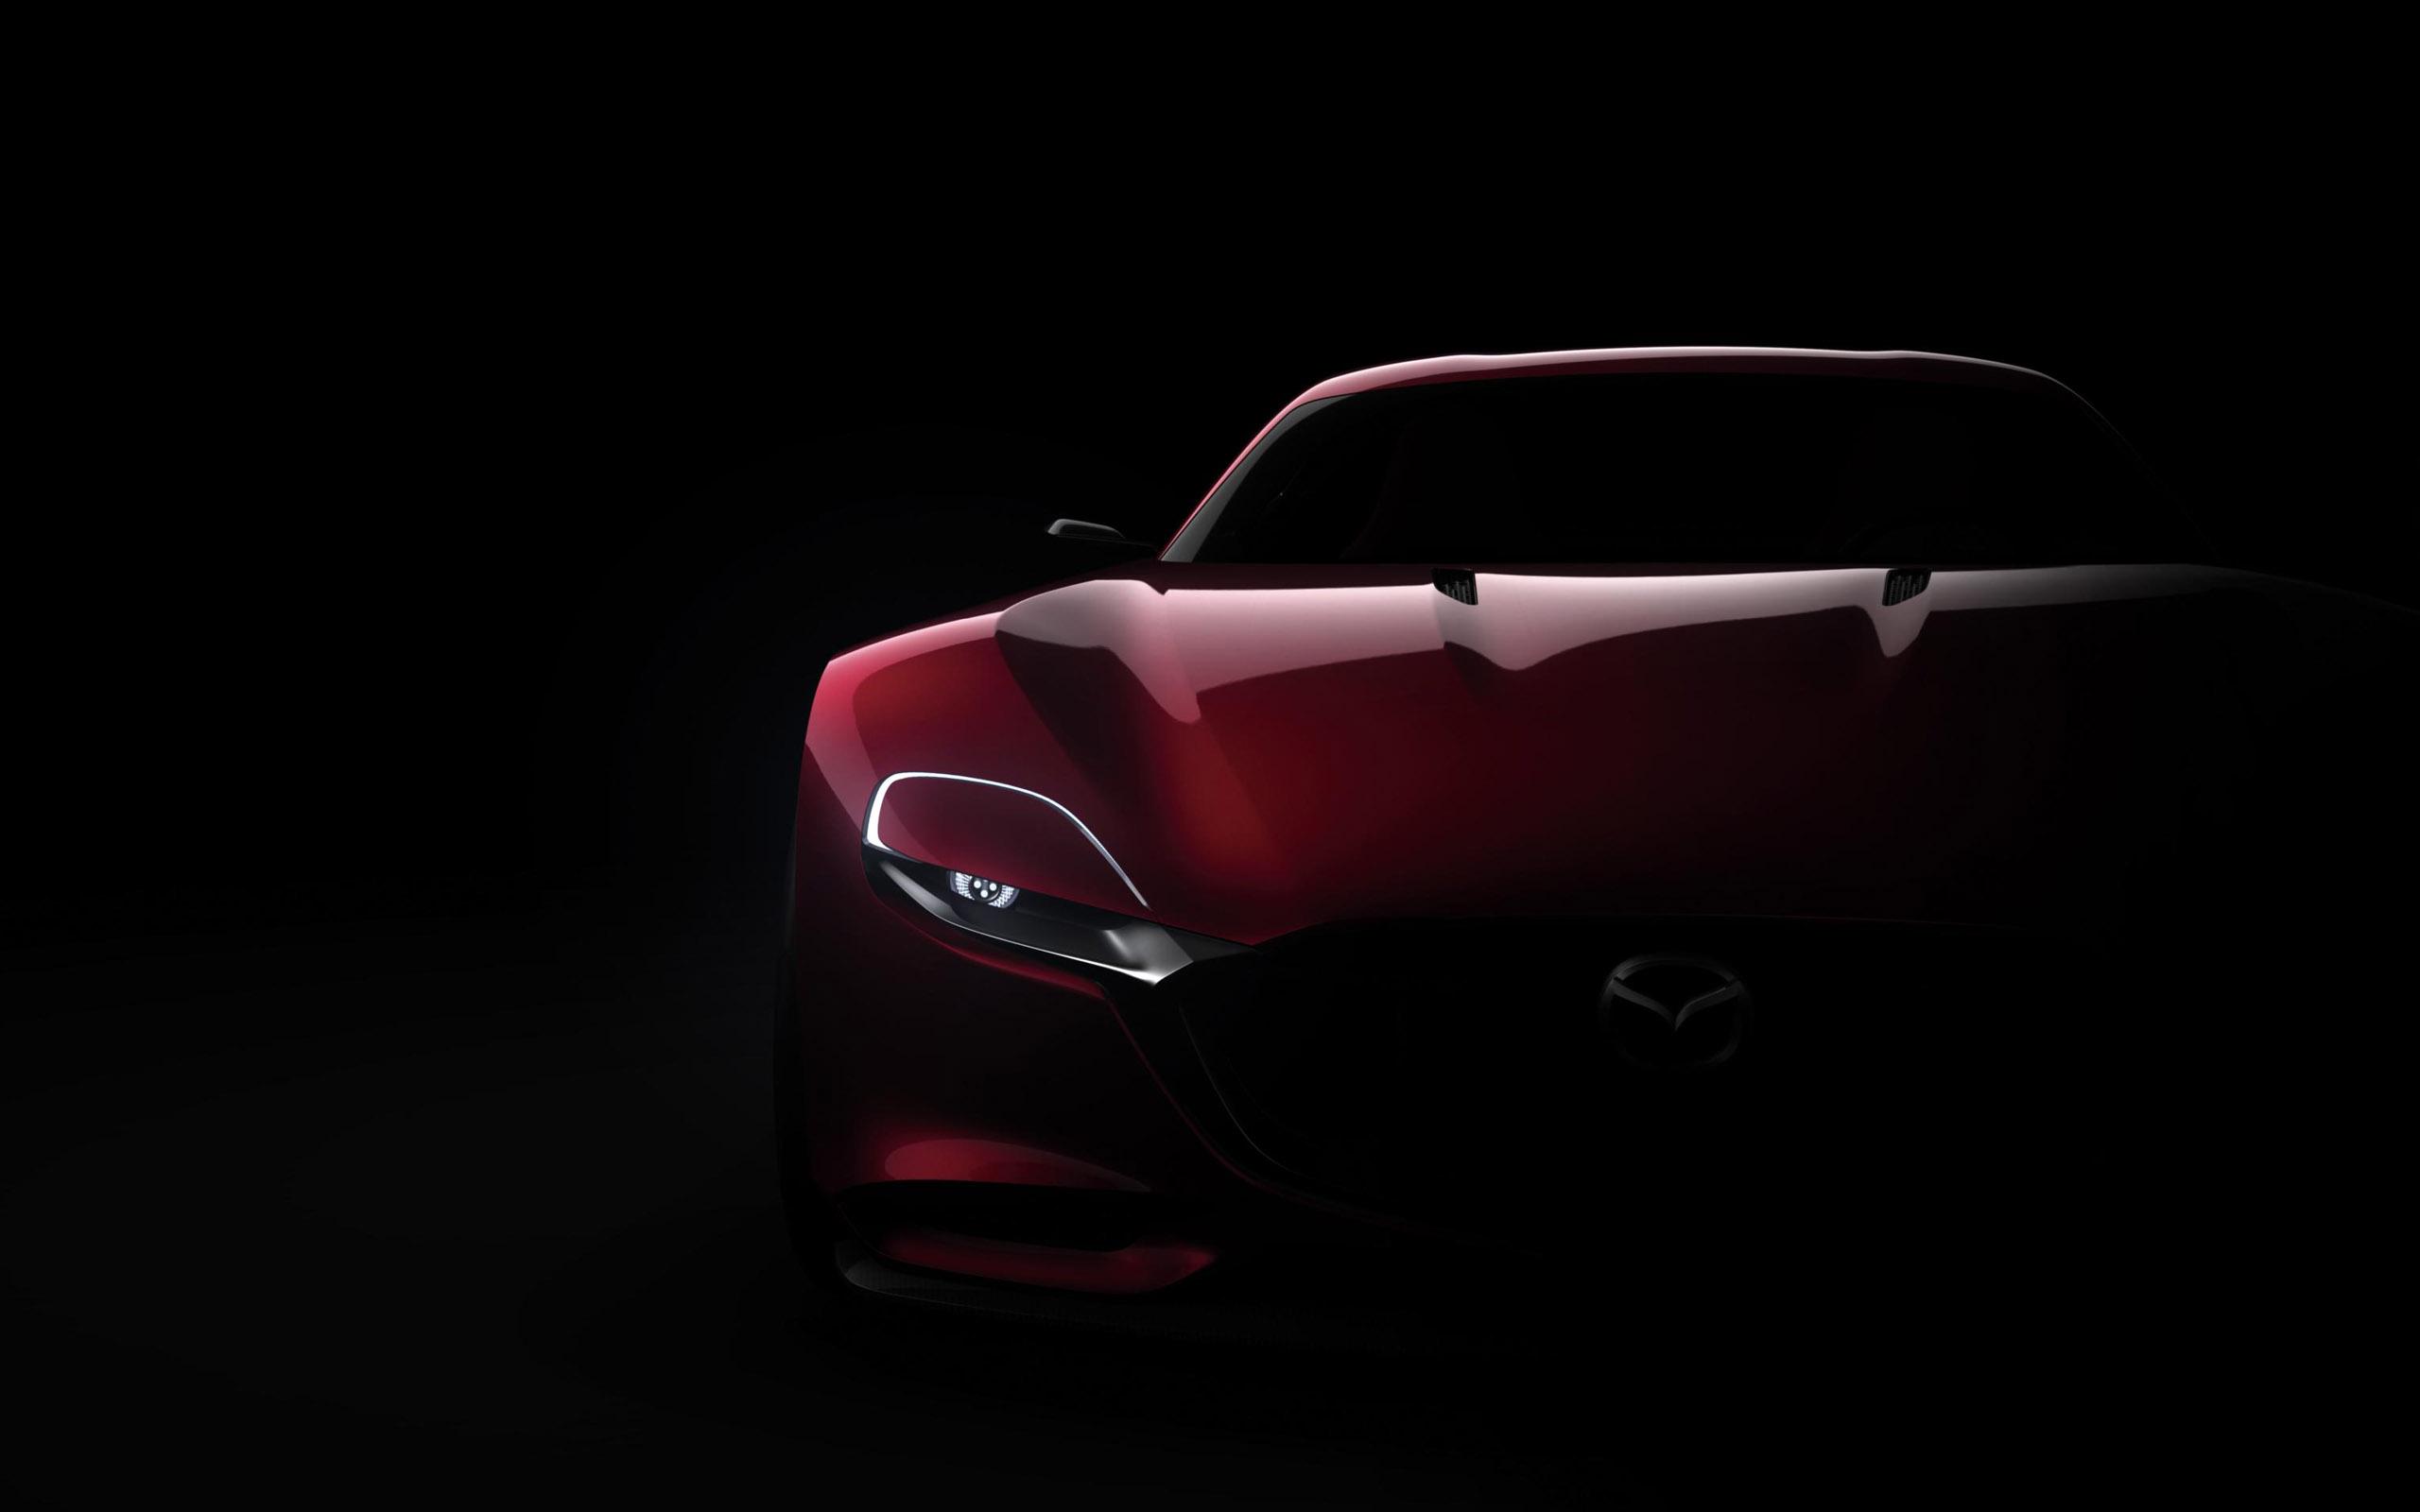 спортивный желтый автомобиль Mazda RX-Vision концепт  № 727313  скачать